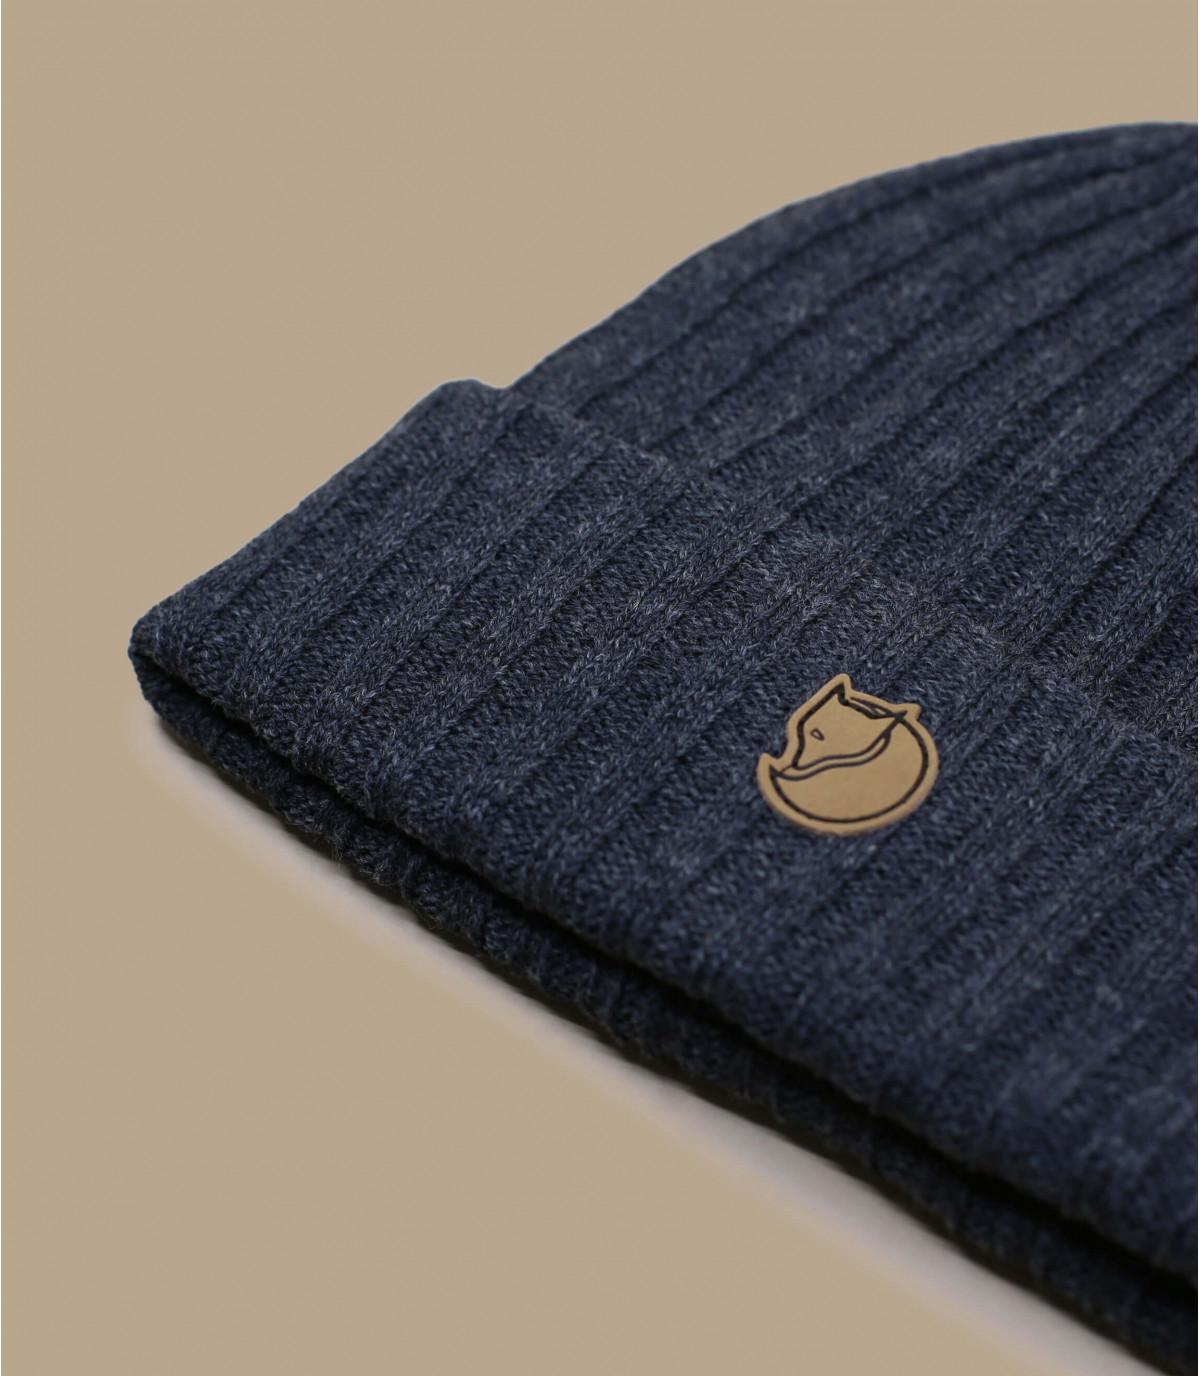 fj%C3%A4llr%C3%A4ven cappello  cappello grigio bavero Fjällräven - Beannie Byron graphite da ...